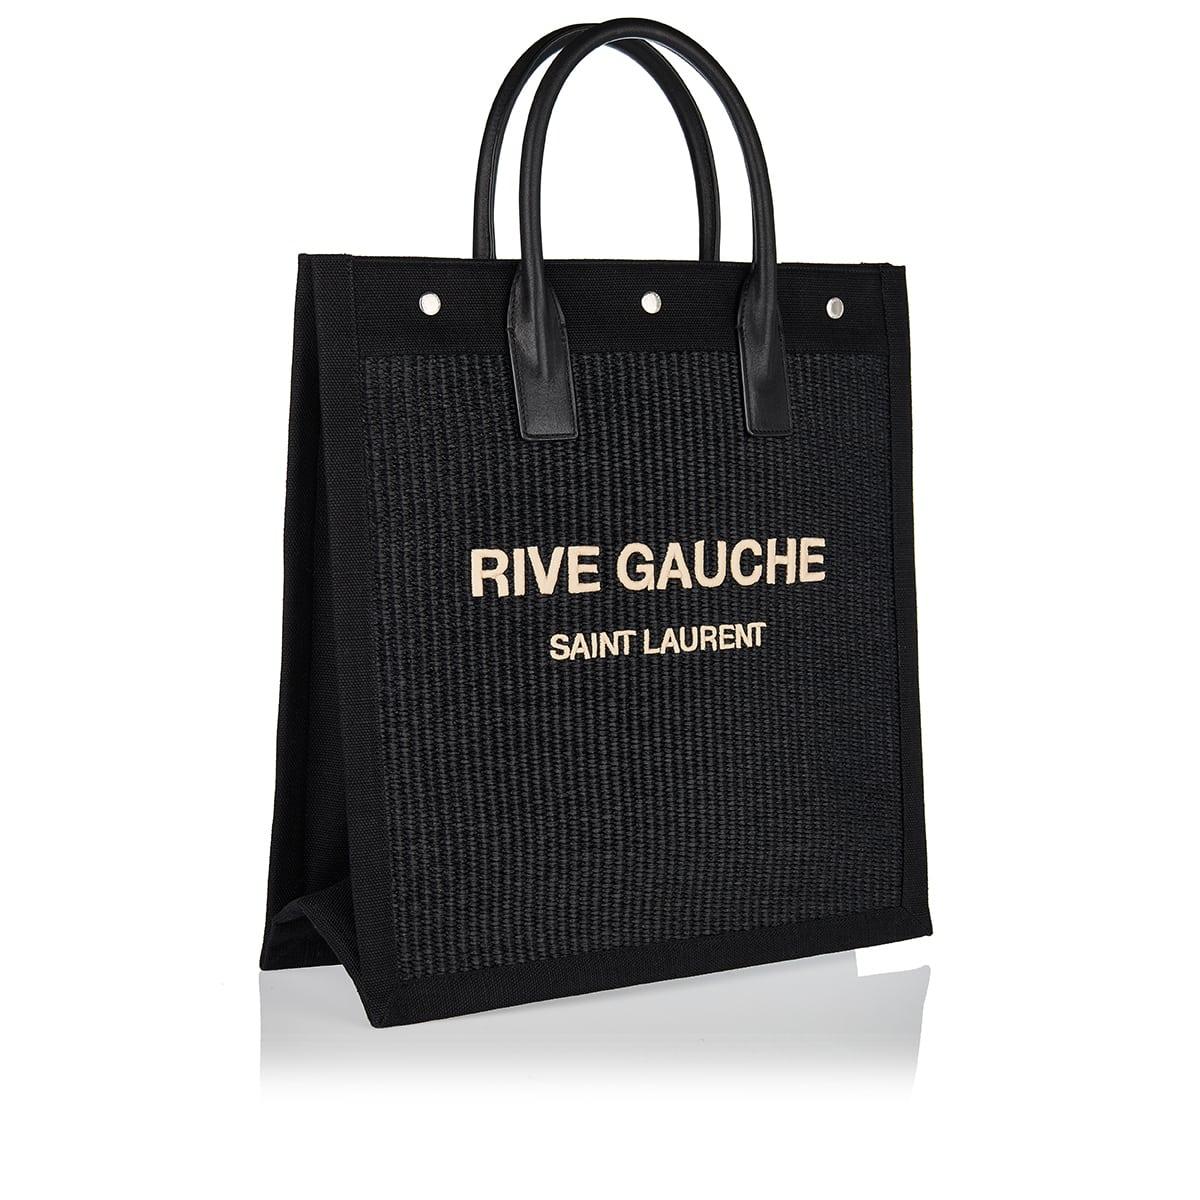 Rive Gauche woven tote